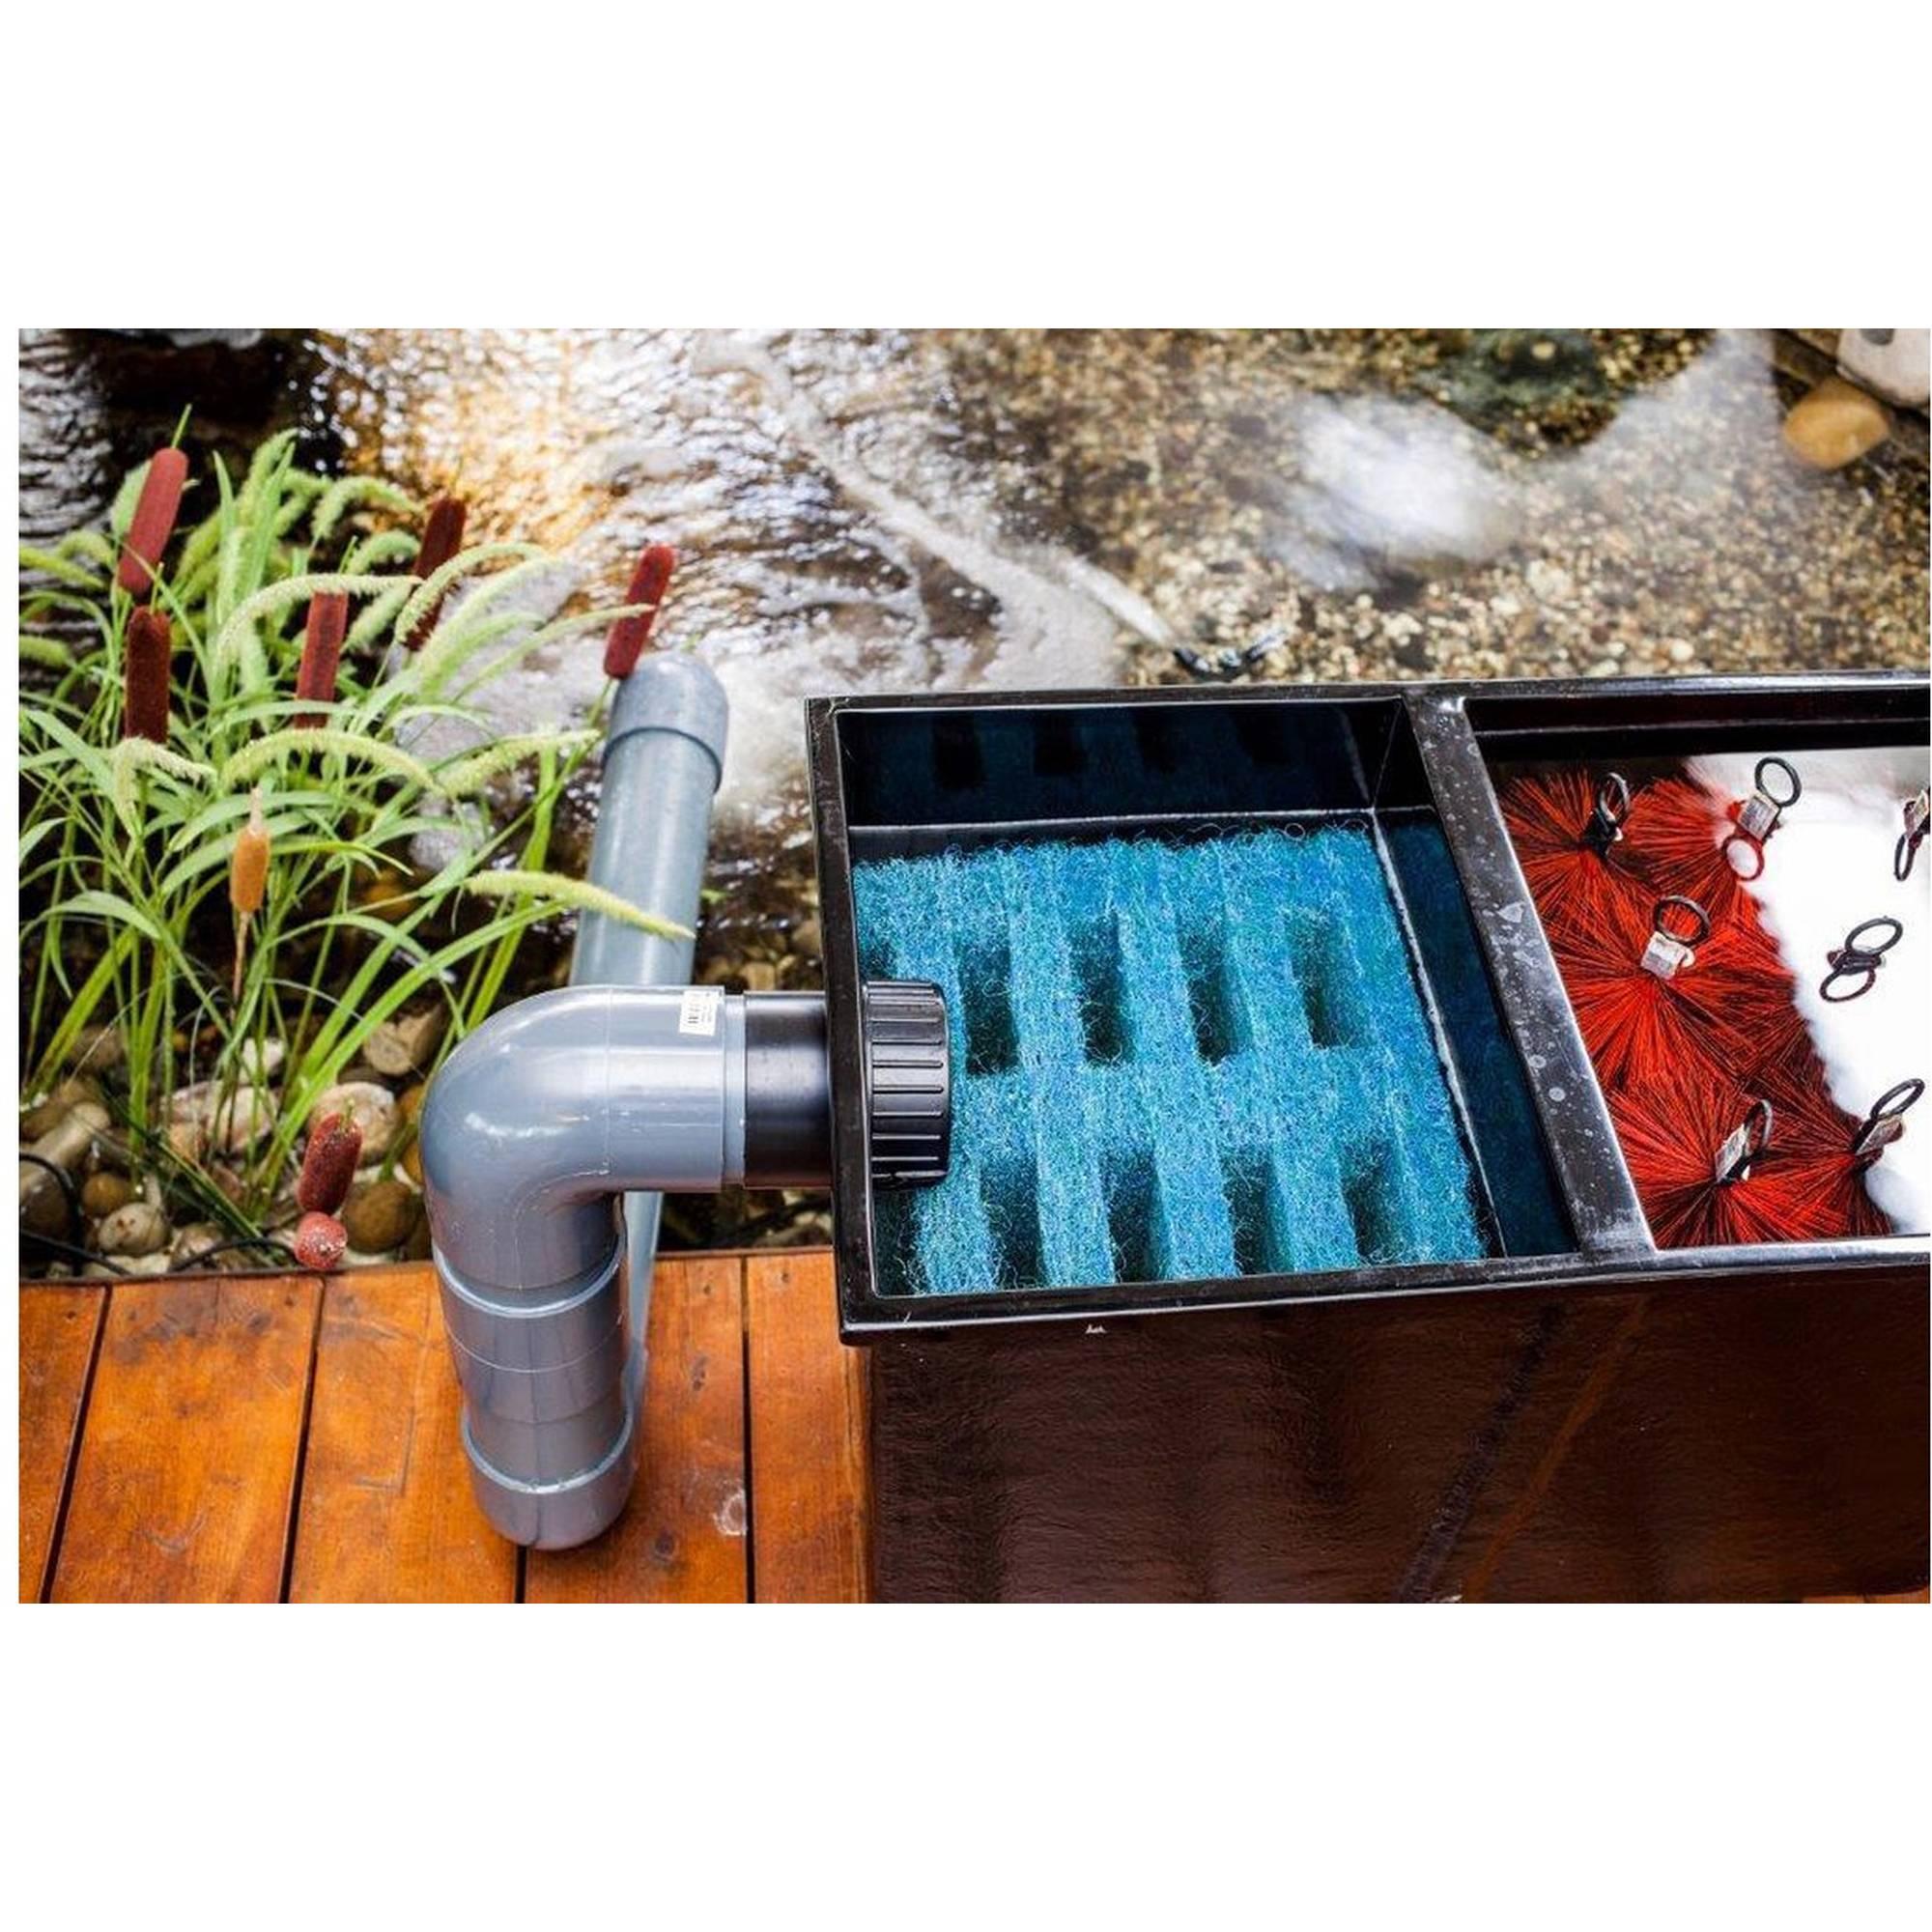 Teichfilter APOLLO XXL mit Vortex und 3 Filterkammern, bestückt